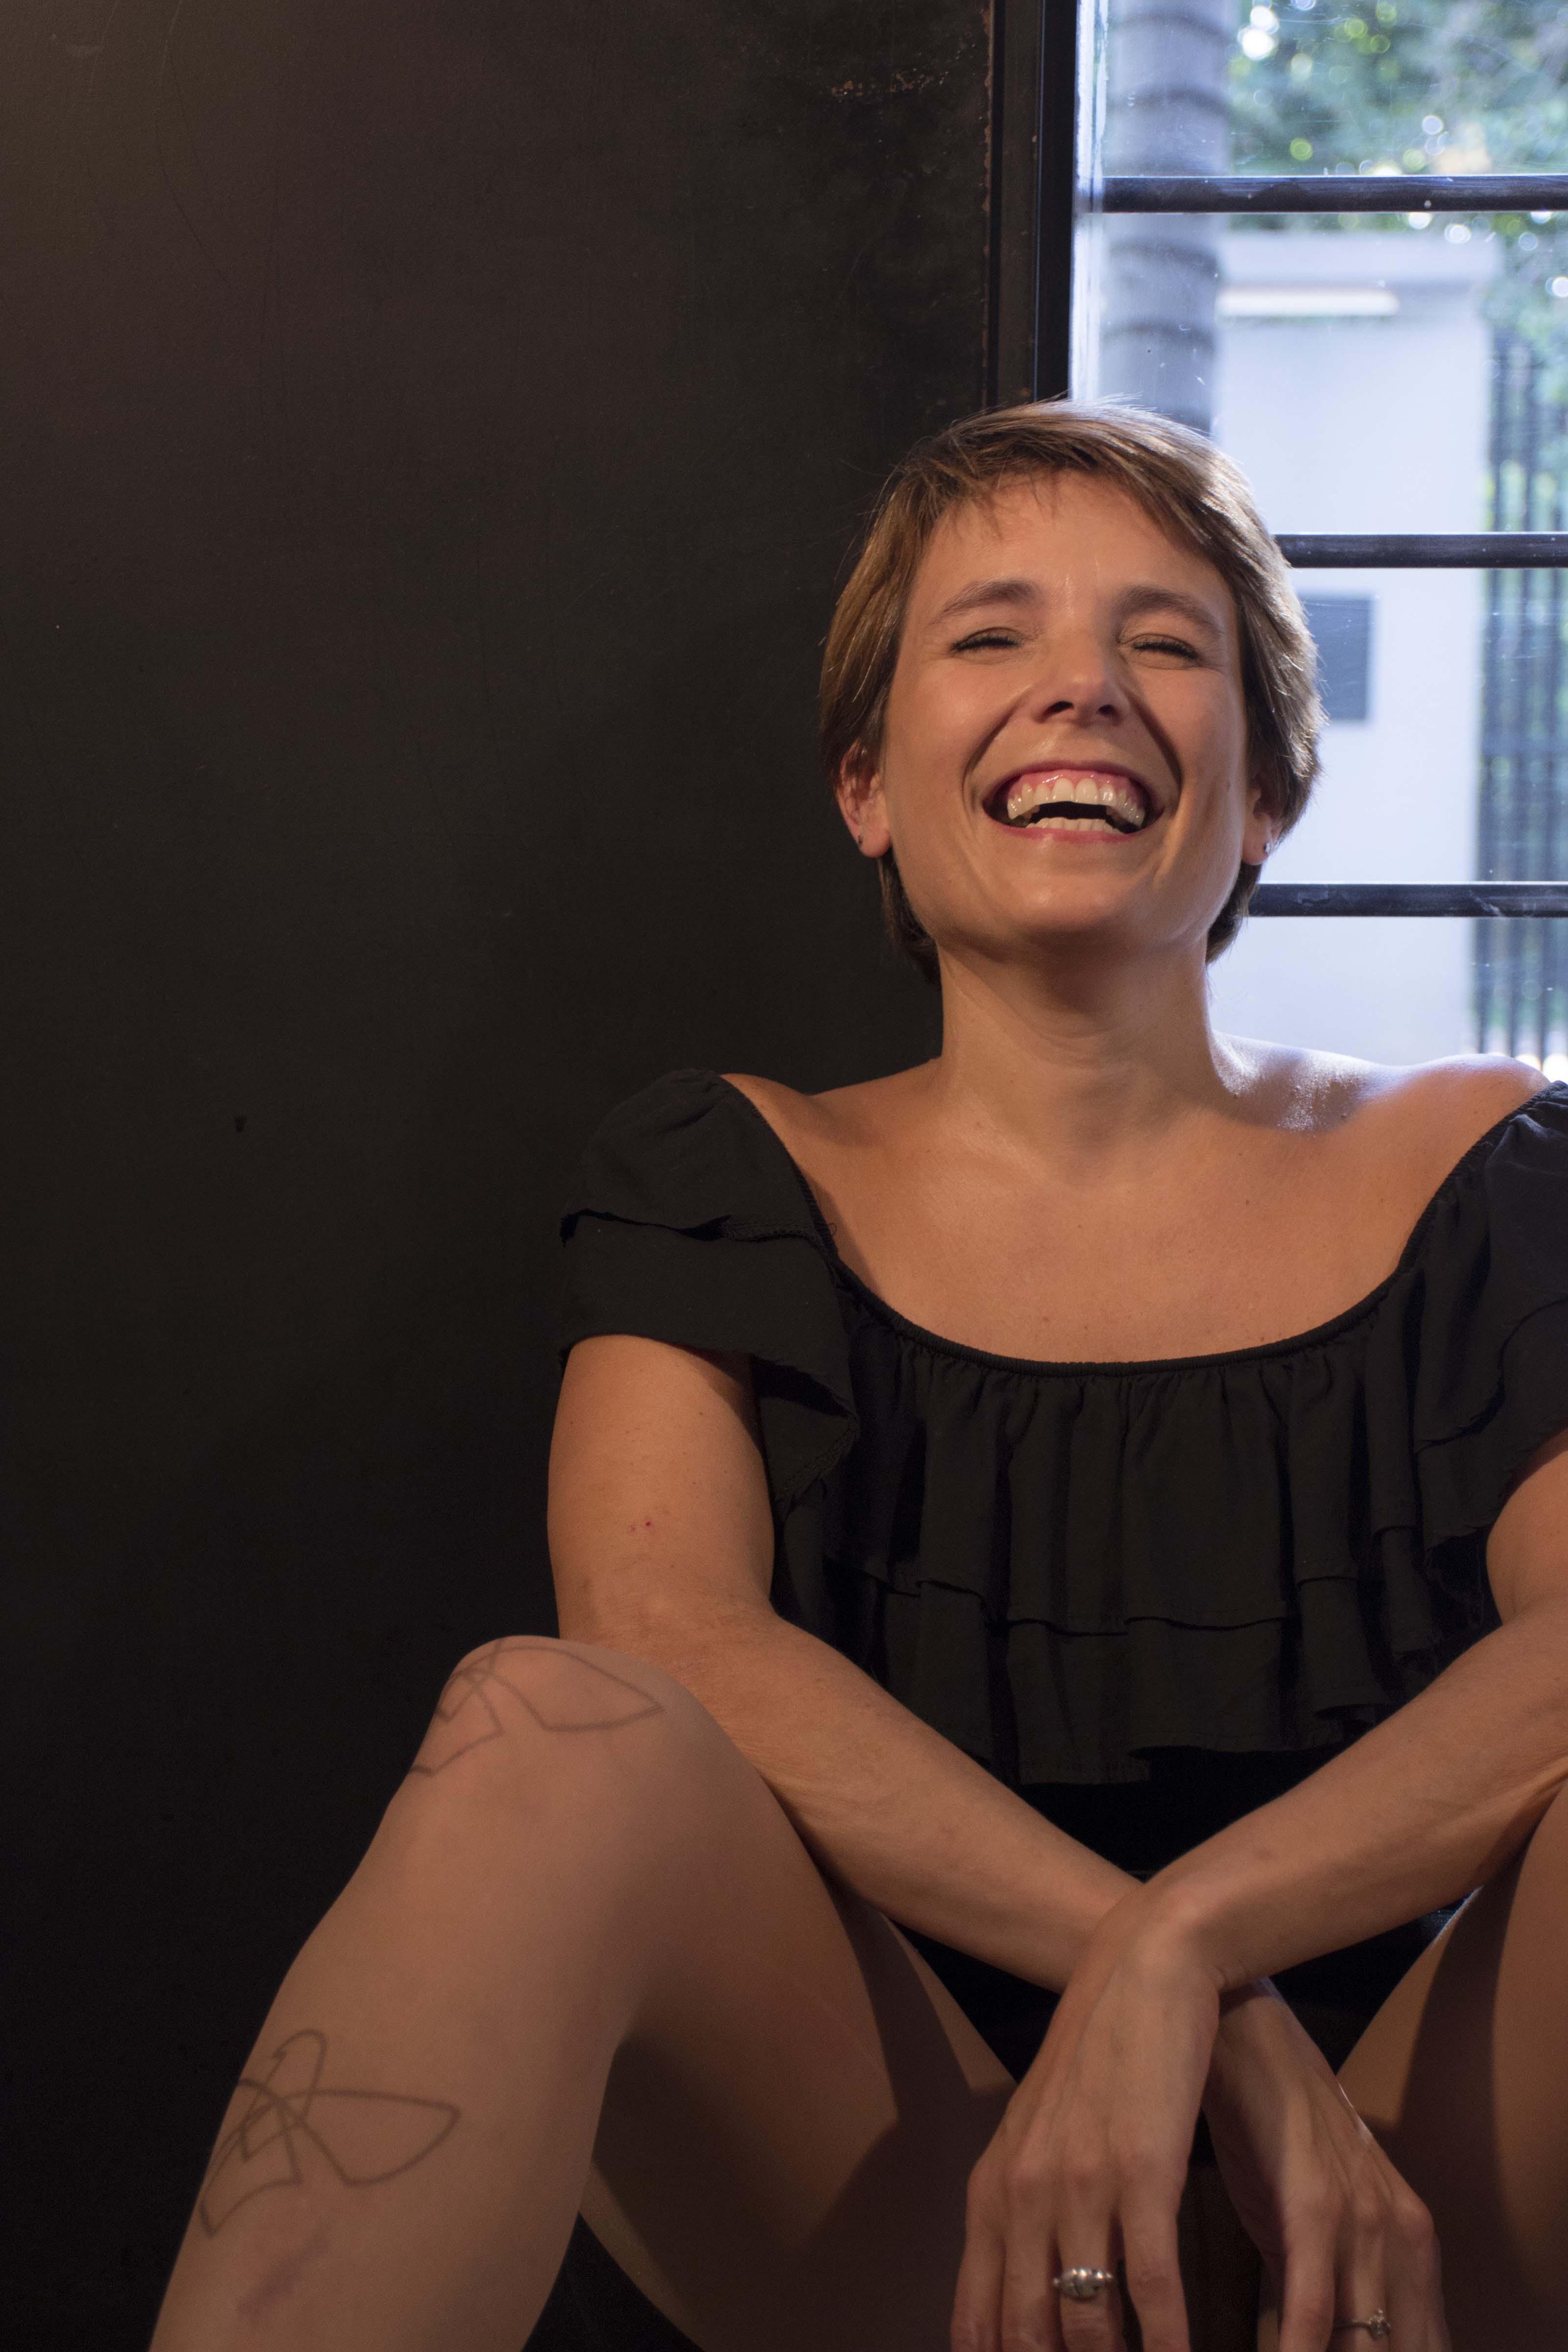 Llega a España Estrógenos, una novela futurista sobre la regresión reproductiva